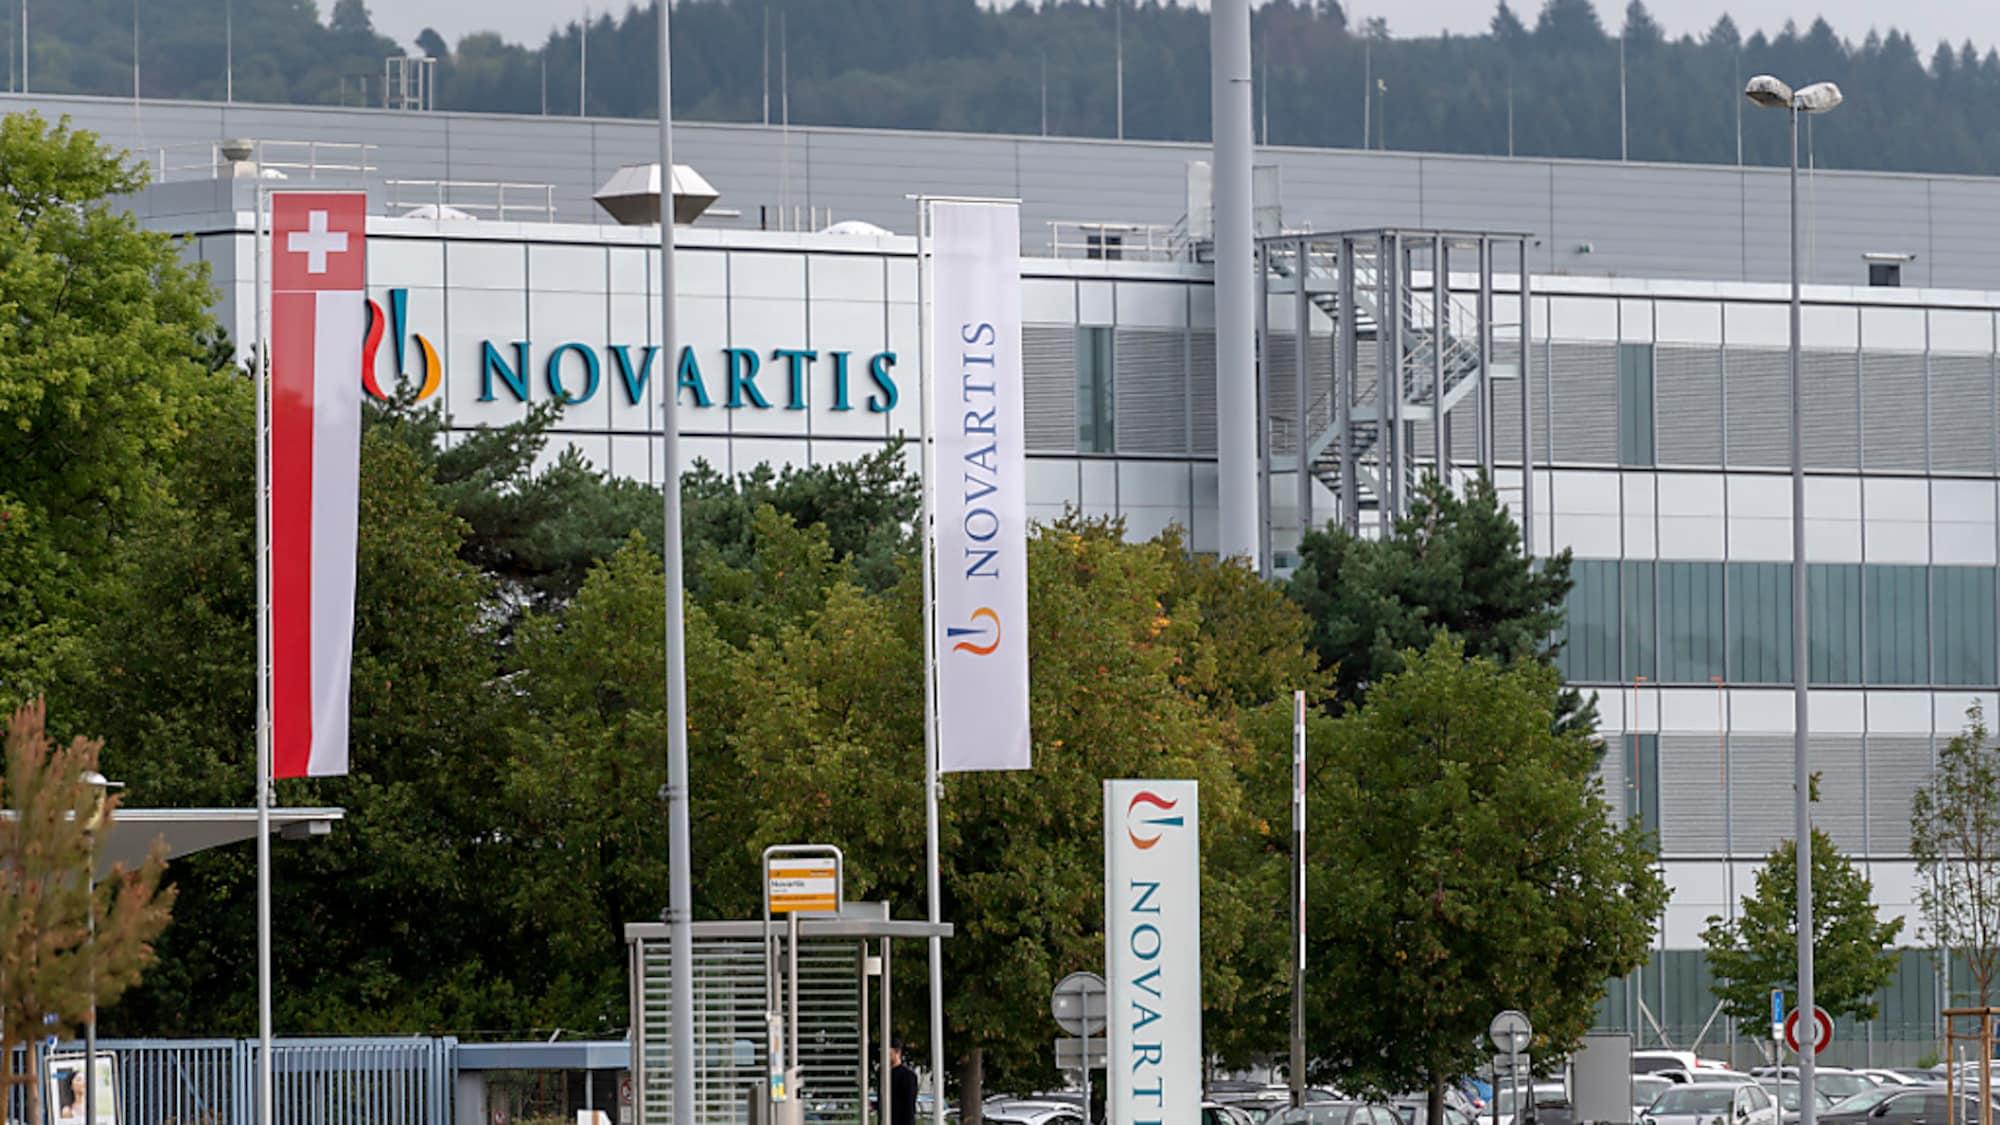 Chemie: Novartis erhöht Jahresbasislohnsumme in Basel- und Rheintalwerken